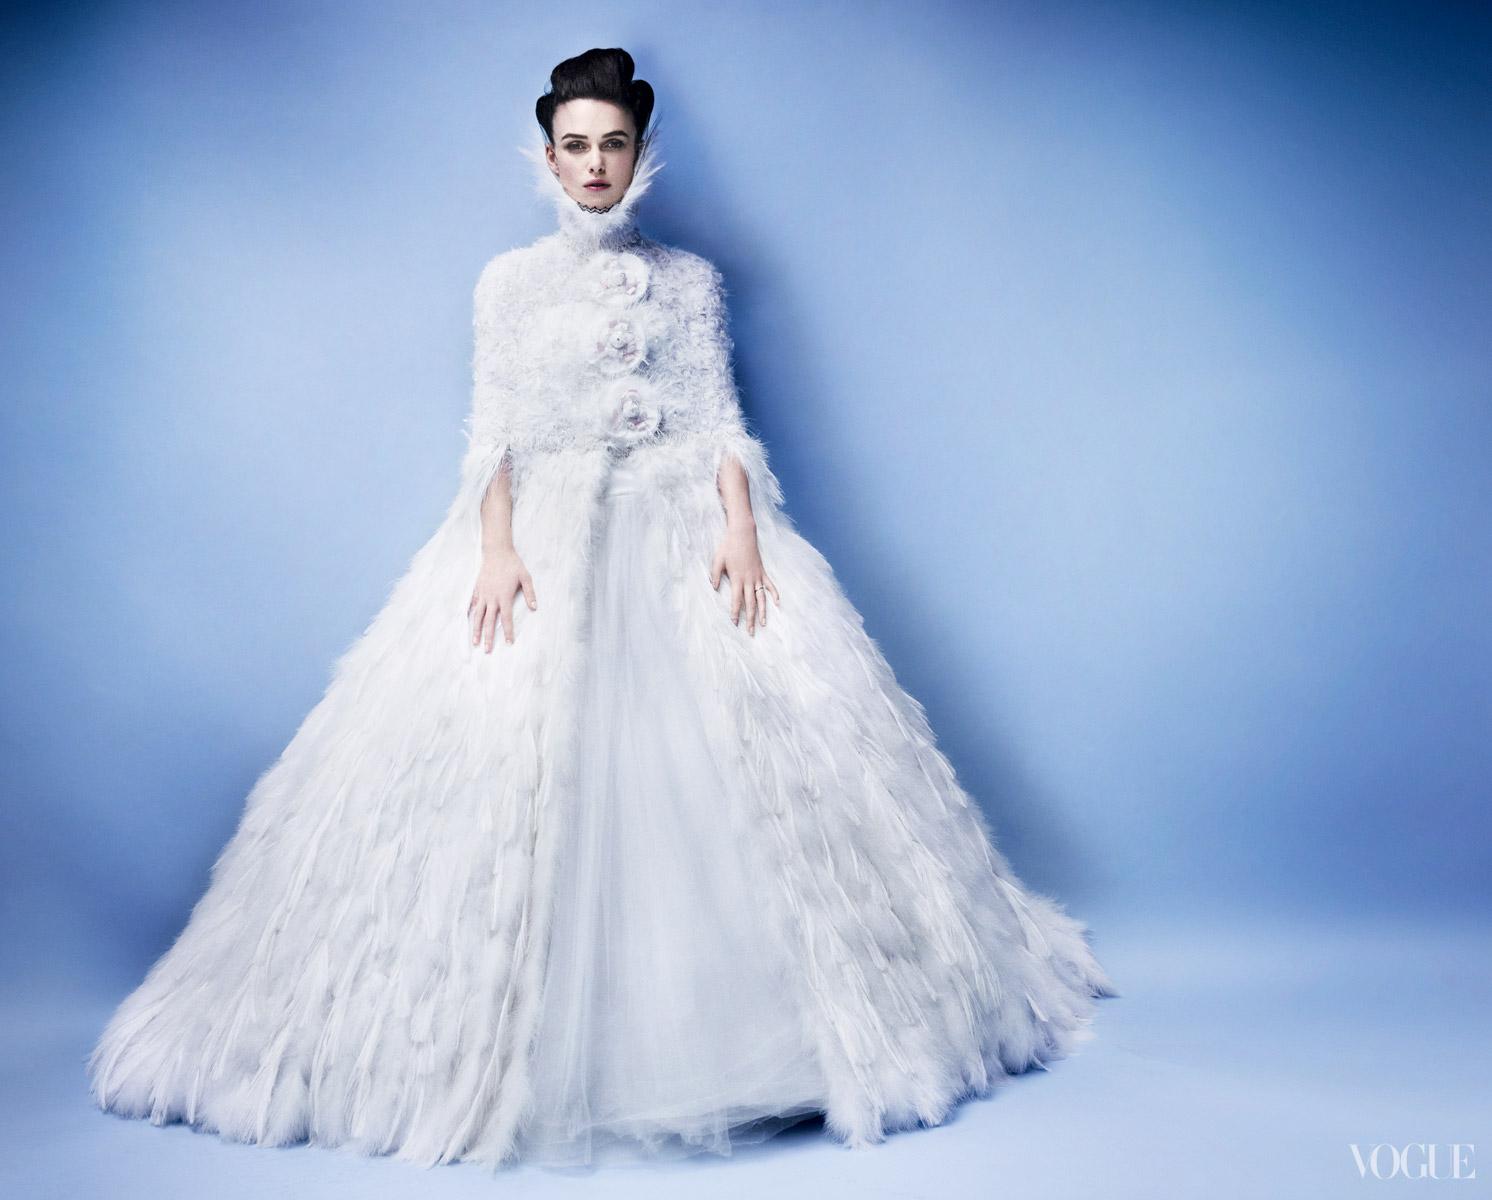 Wedding Gown Patterns Vogue 18 Trend Fashion Blog Grace Coddington